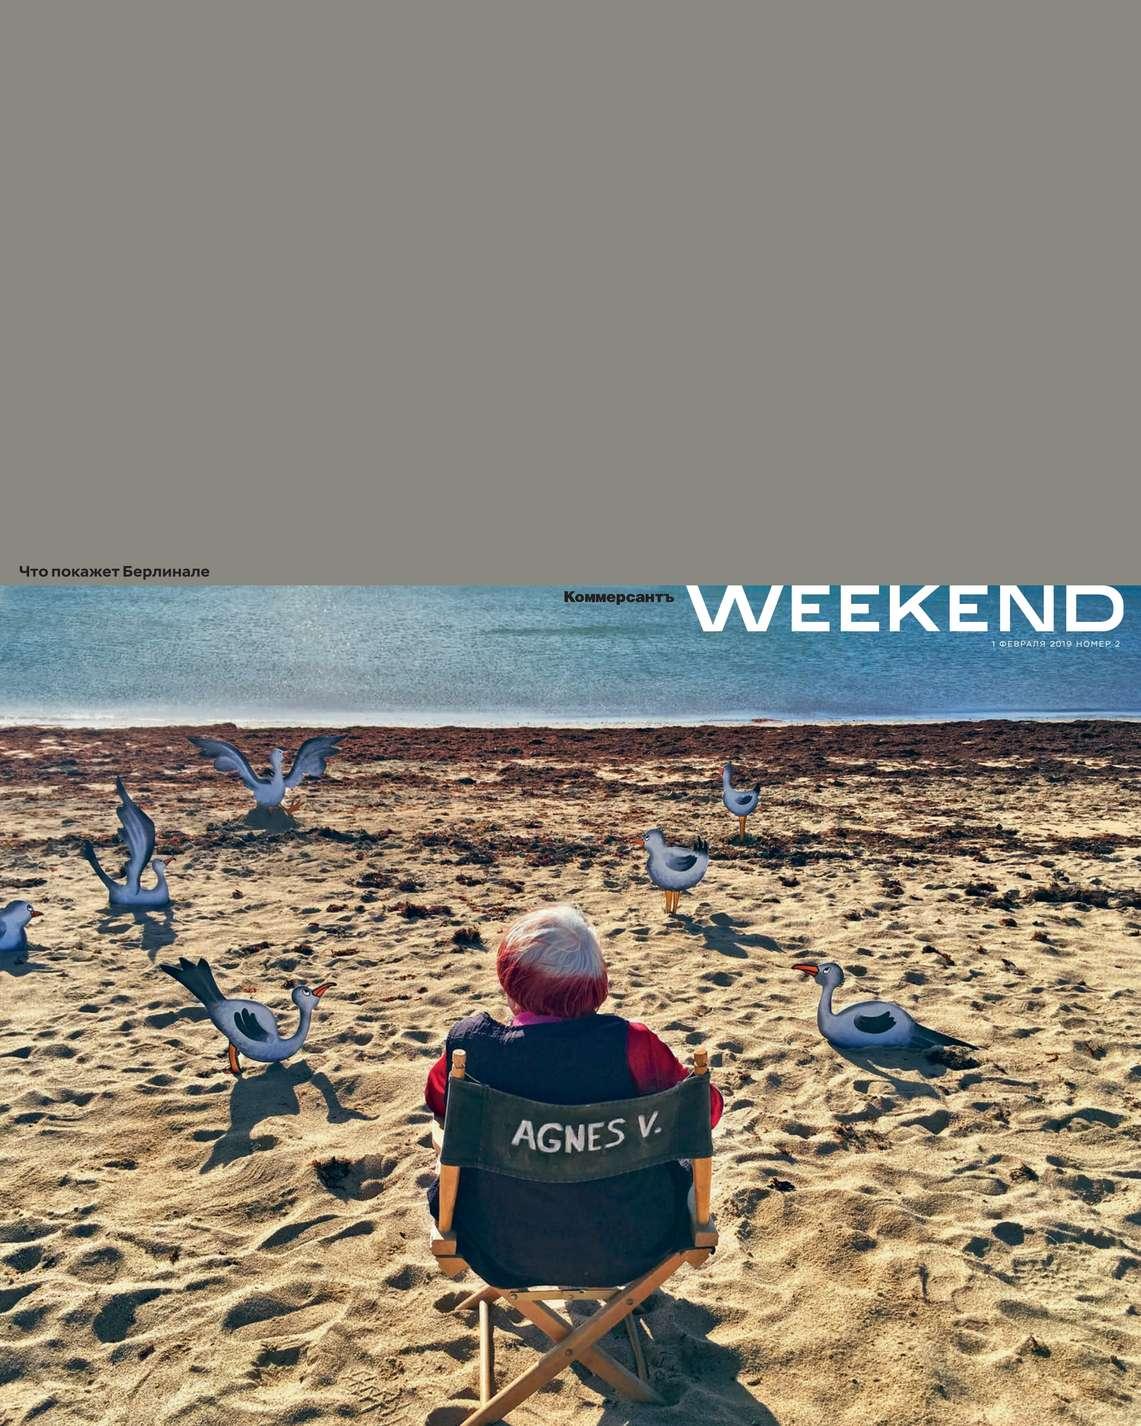 Коммерсантъ Weekend 02-2019